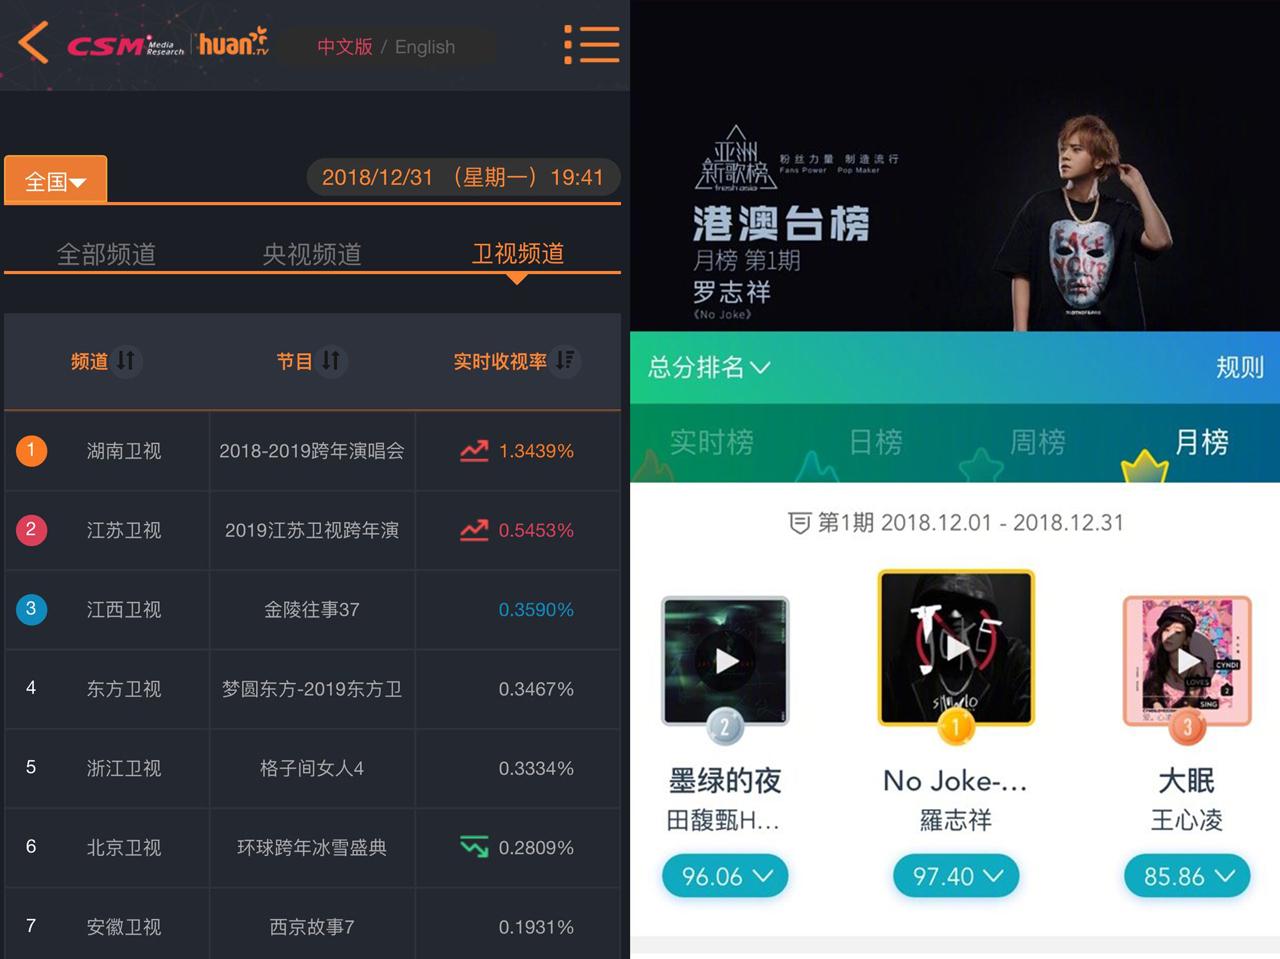 罗志祥跨年开场获收视第一 新歌舞台炸裂月榜夺冠